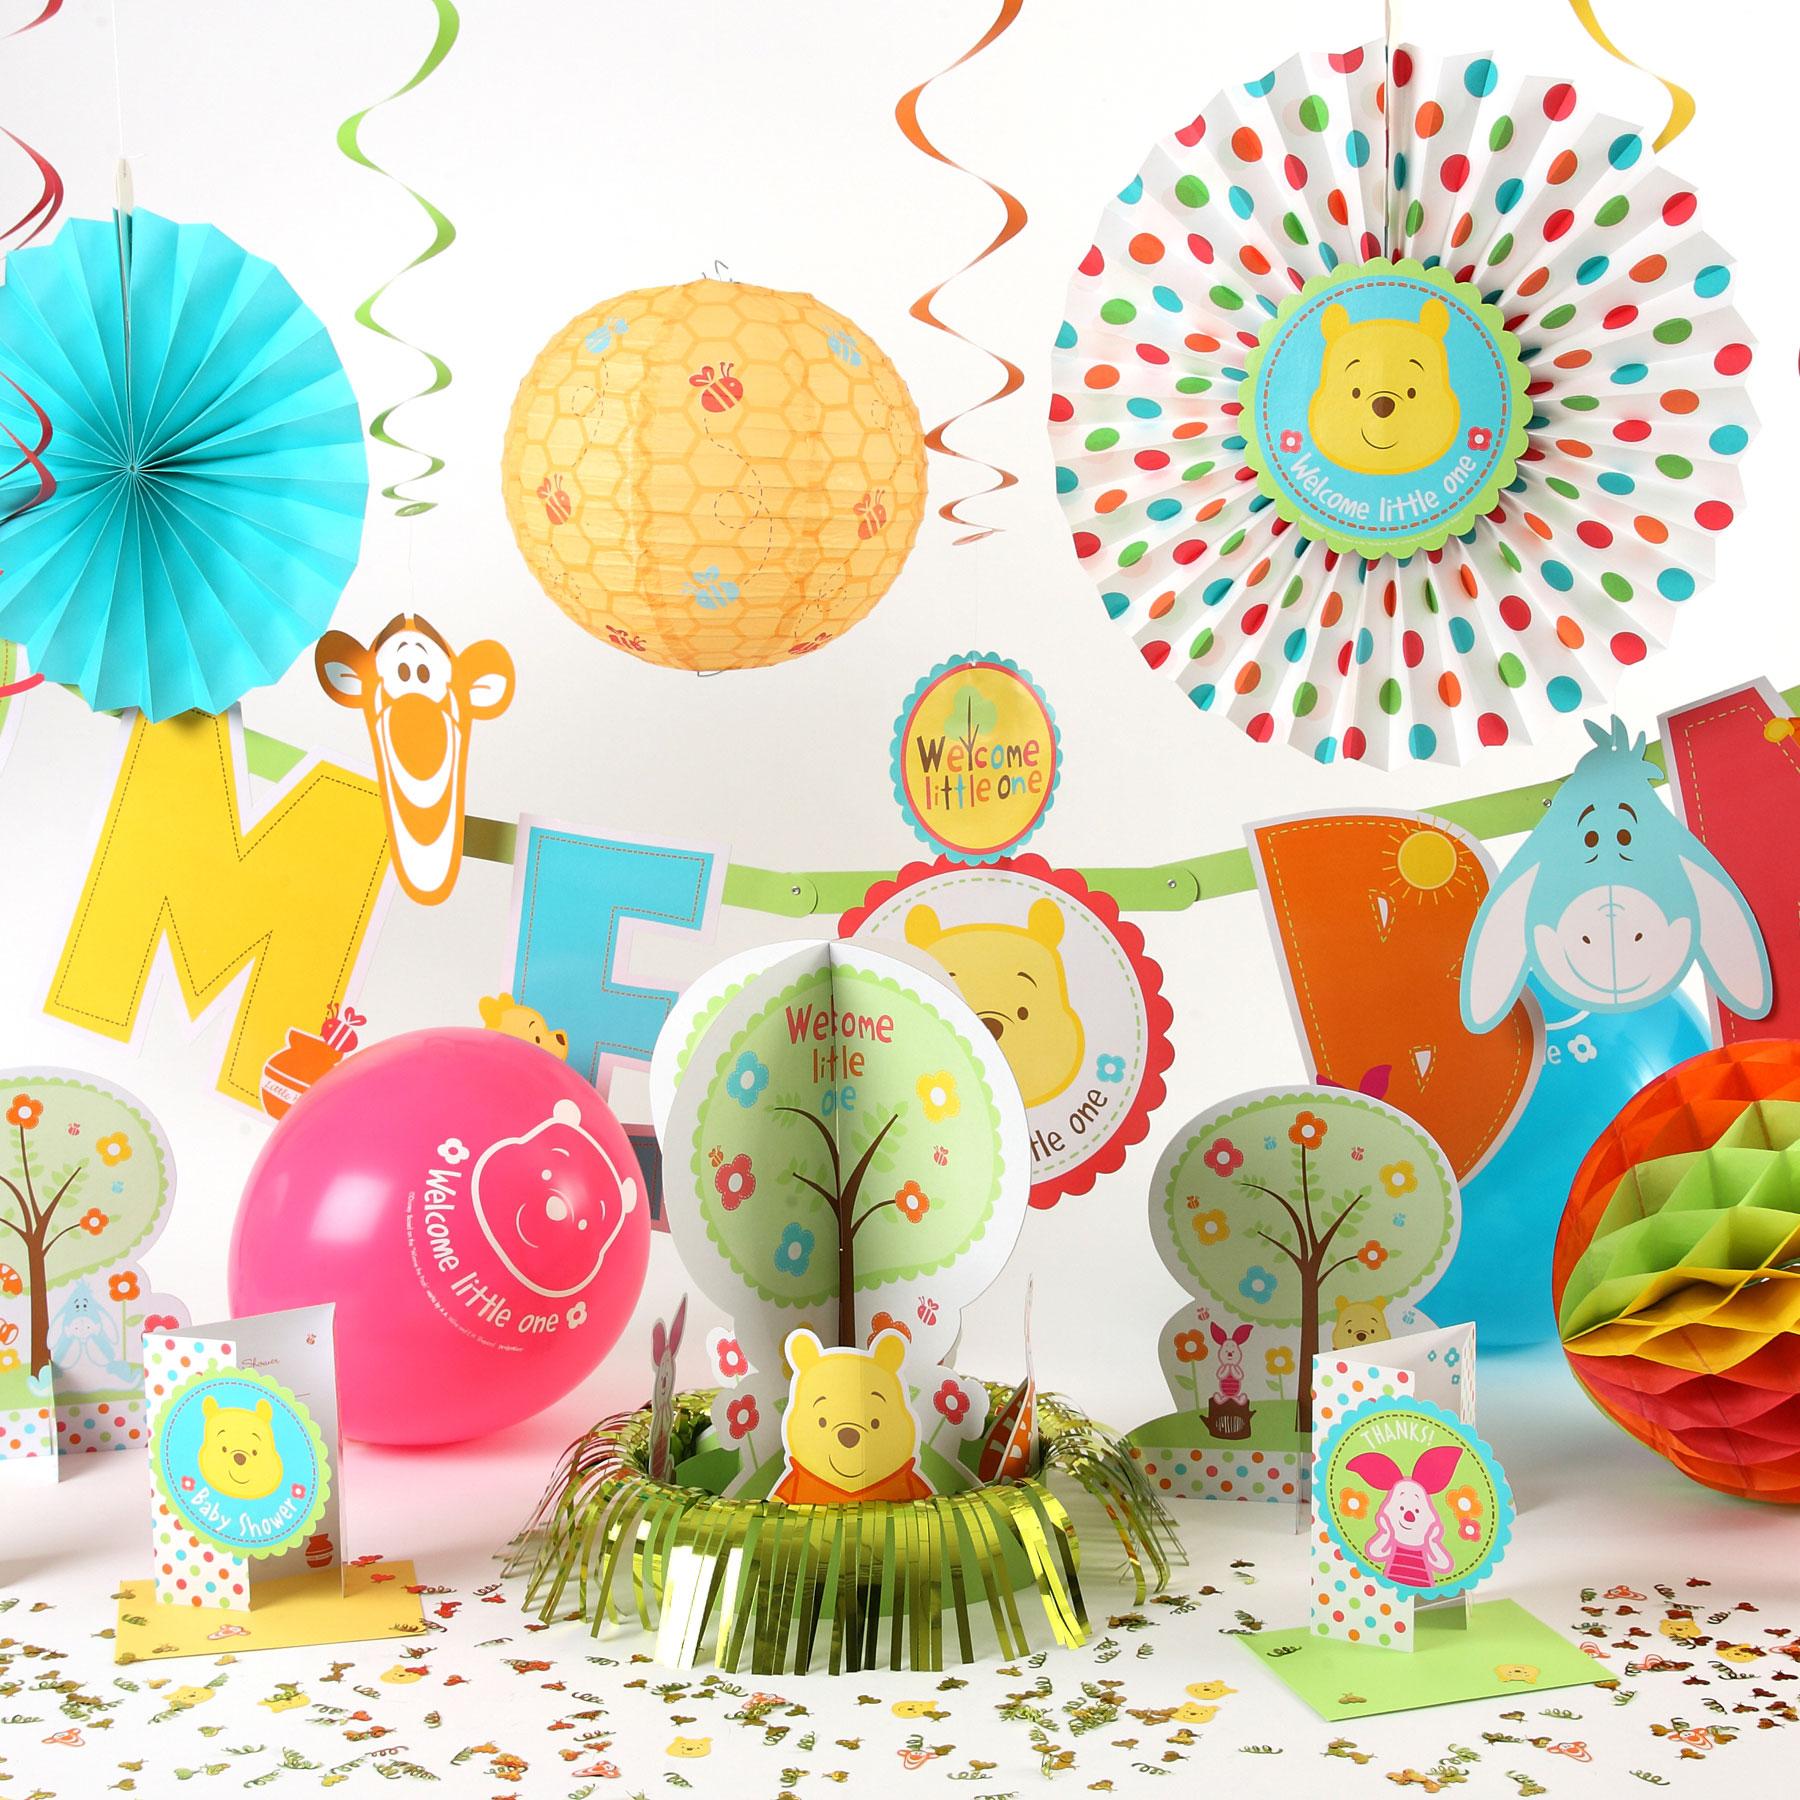 Оформление детского праздника в тематике Винни-Пуха